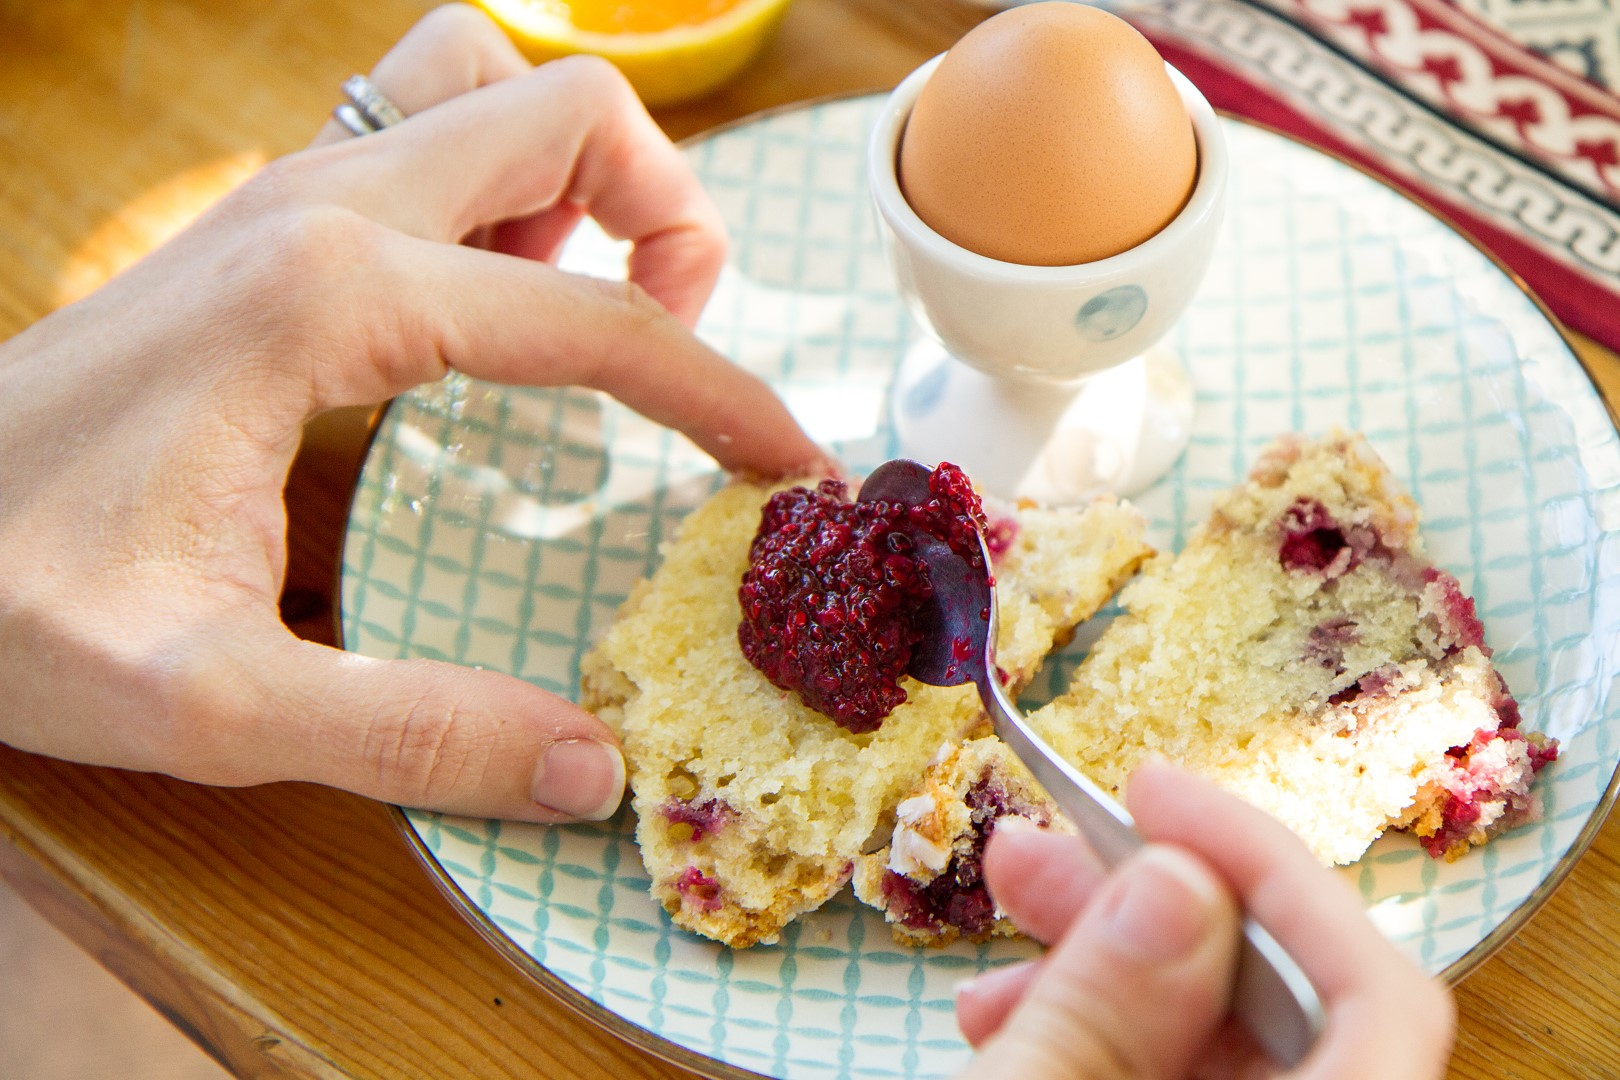 poner la mesa, la compañía del oriente, sur la table, blog, desayuno, mermelada casera, moras, chia, scones, receta.